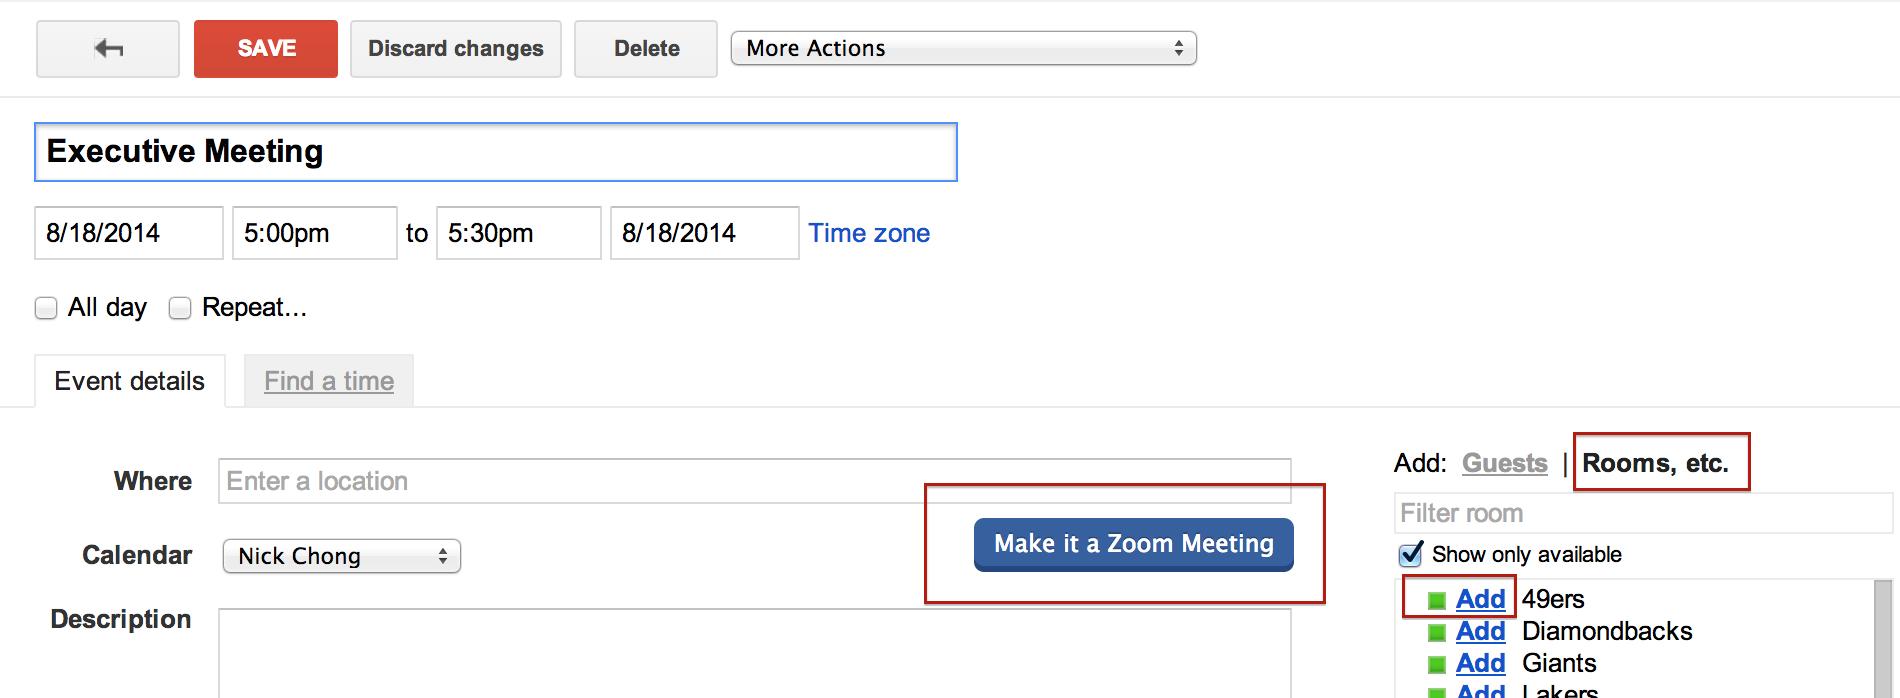 Schedule Meetings in Zoom Rooms (Google) – Zoom Help Center